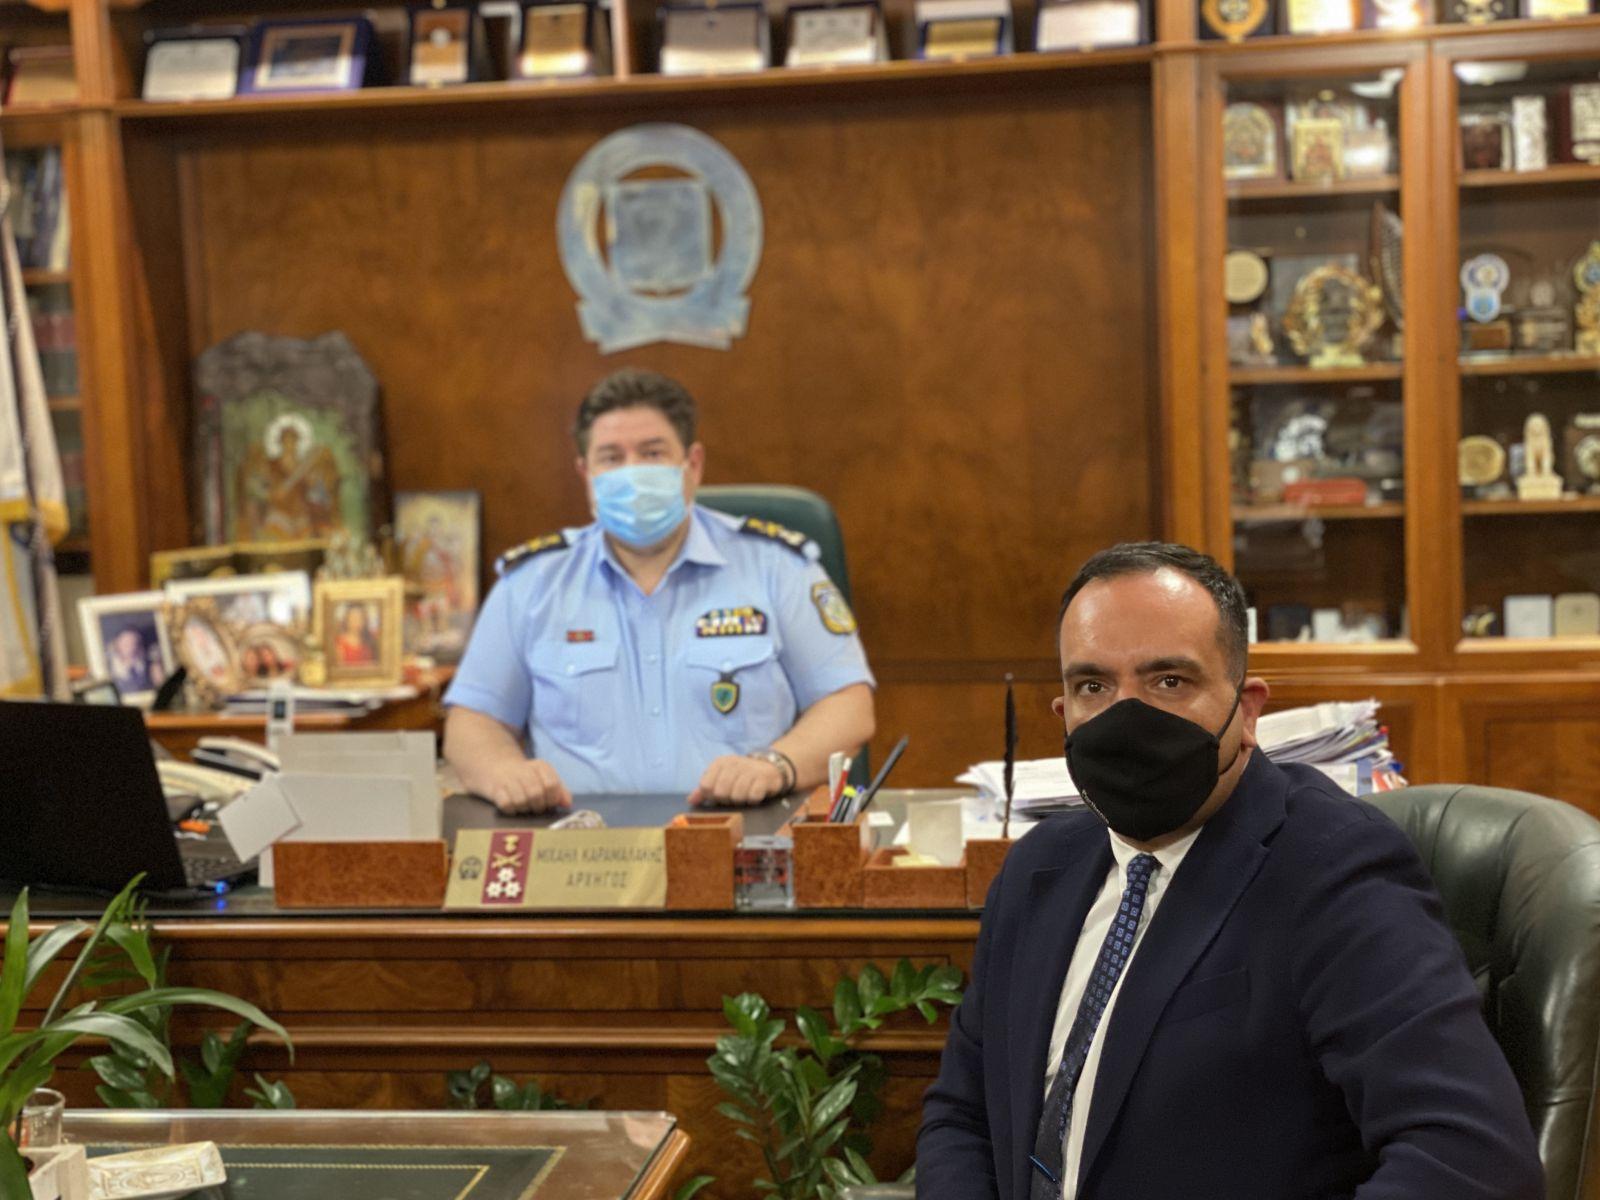 Ειδικά κλιμάκια στο νησί και ενίσχυση των αστυνομικών δυνάμεων μετά την σημερινή συνάντηση Κουκά με τον αρχηγό της ΕΛΑΣ